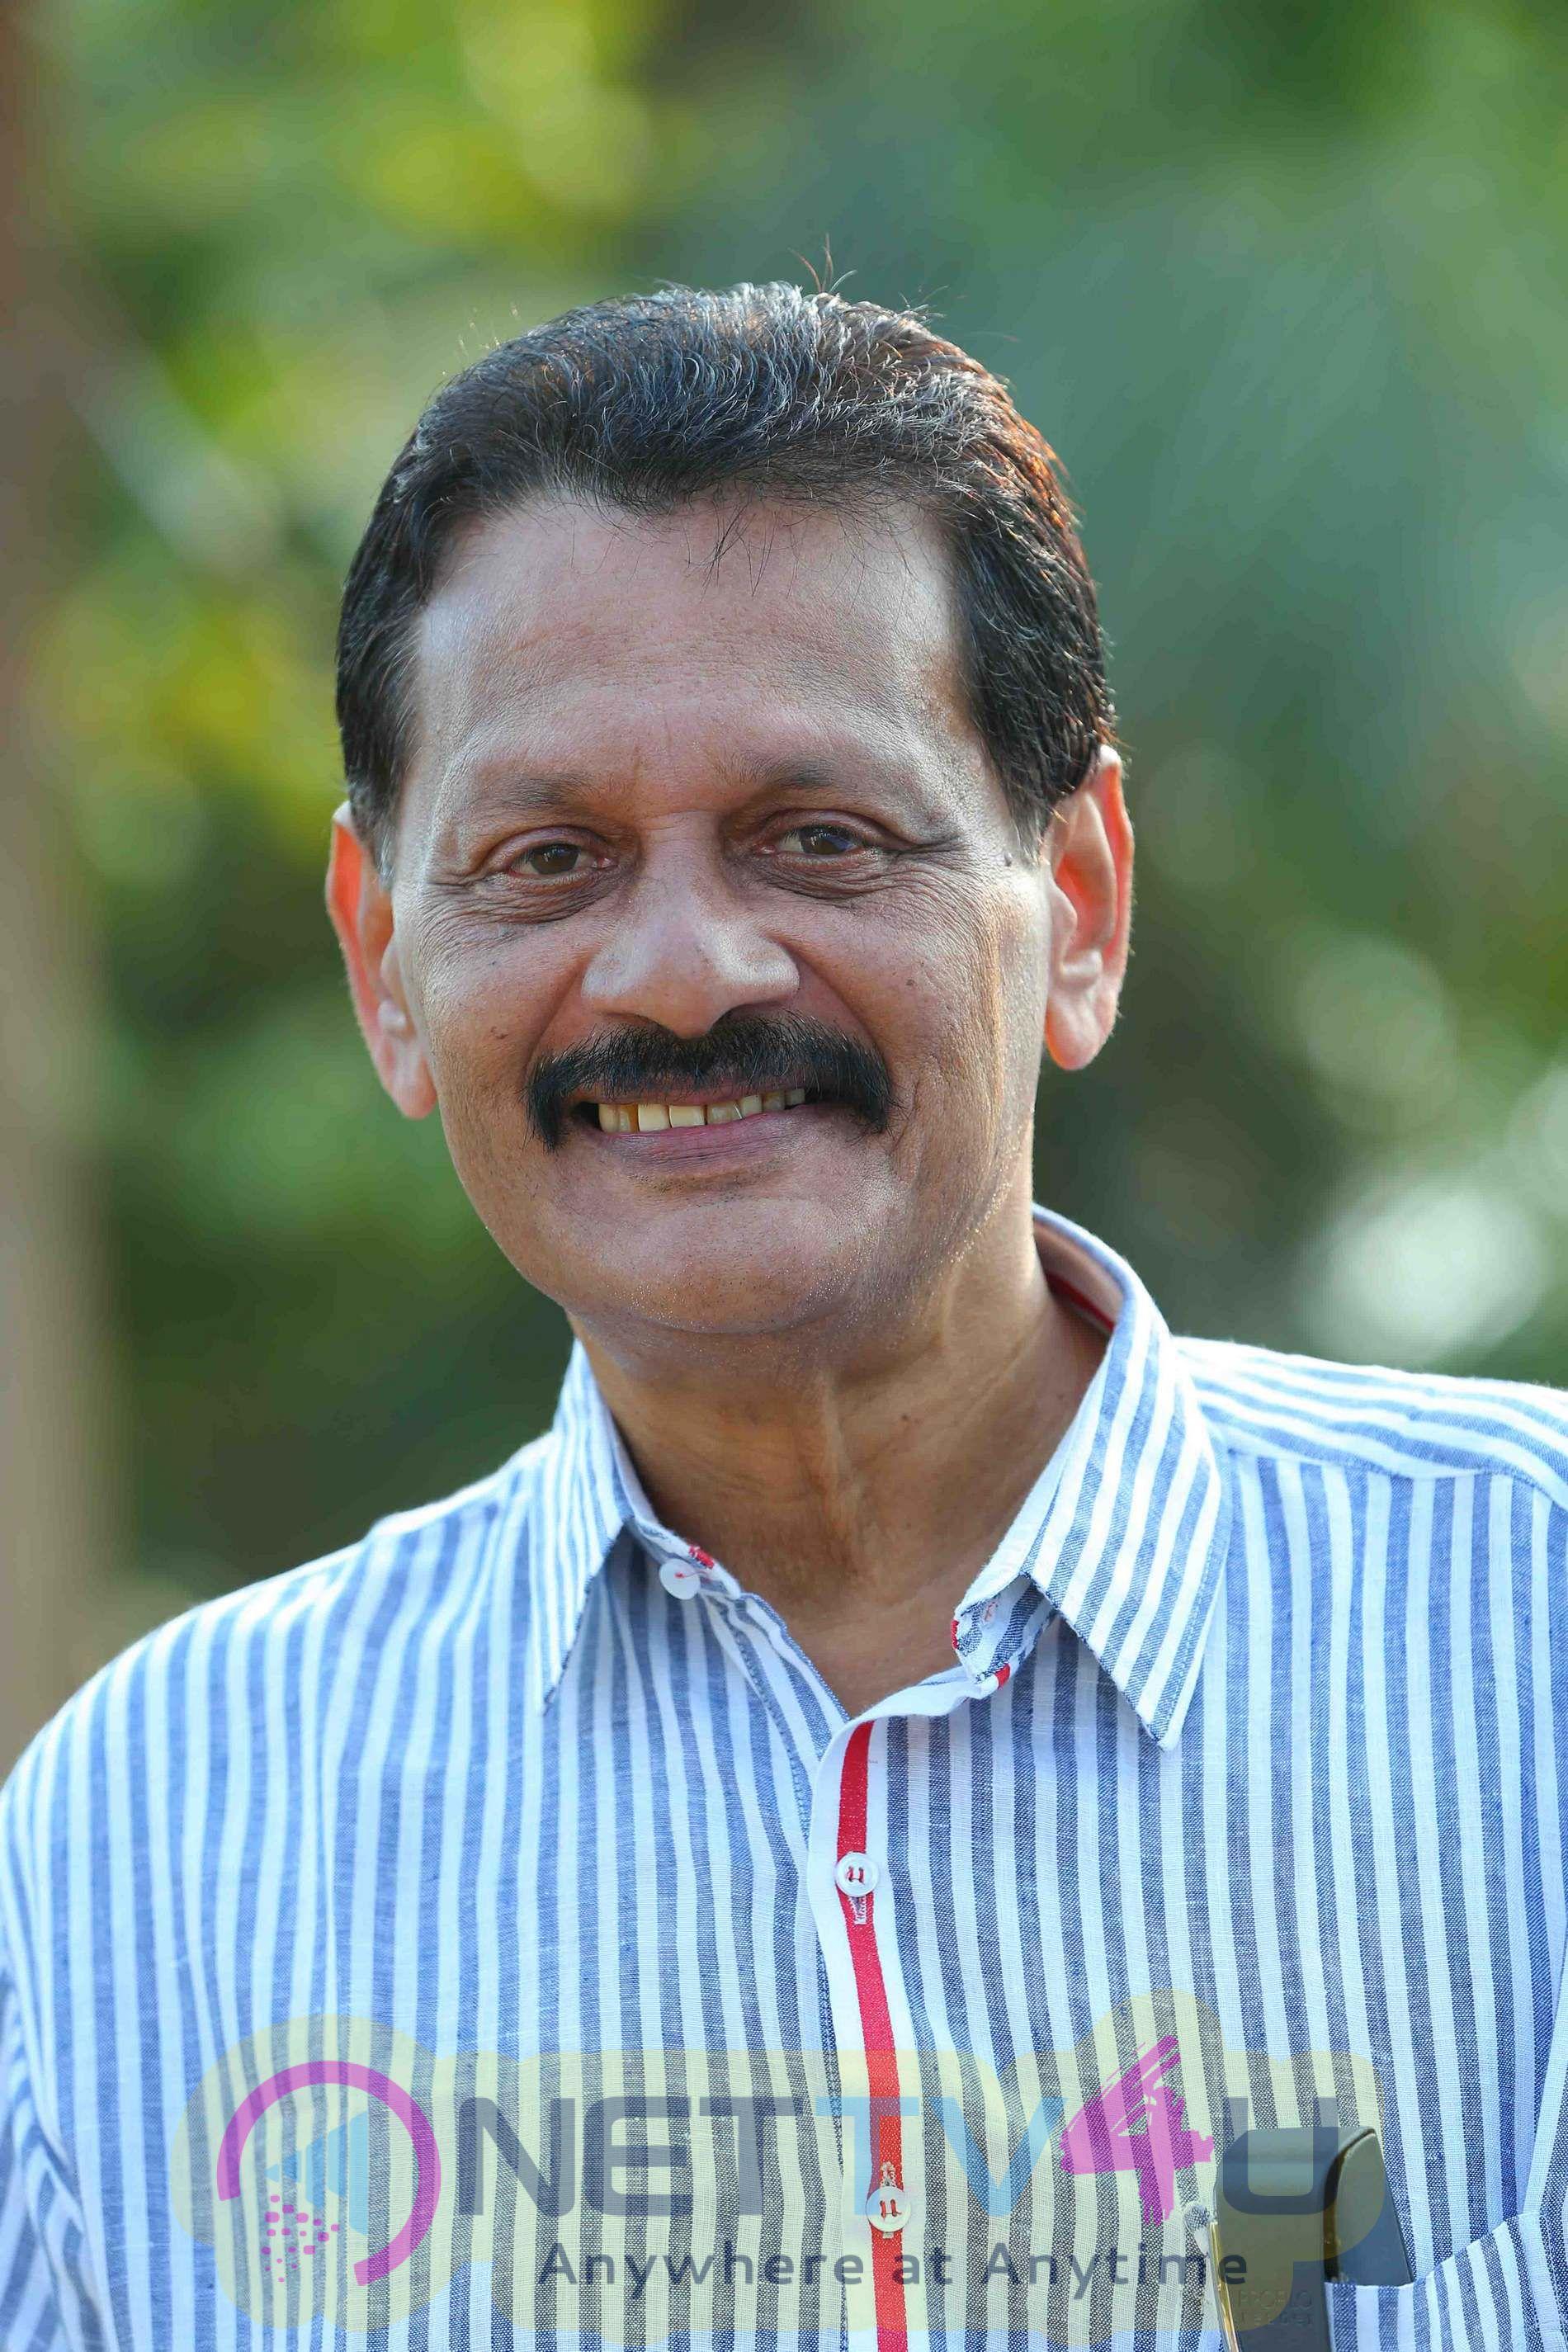 Oru Murai Vanthu Parthaya Malayalam Movie Stills Malayalam Gallery